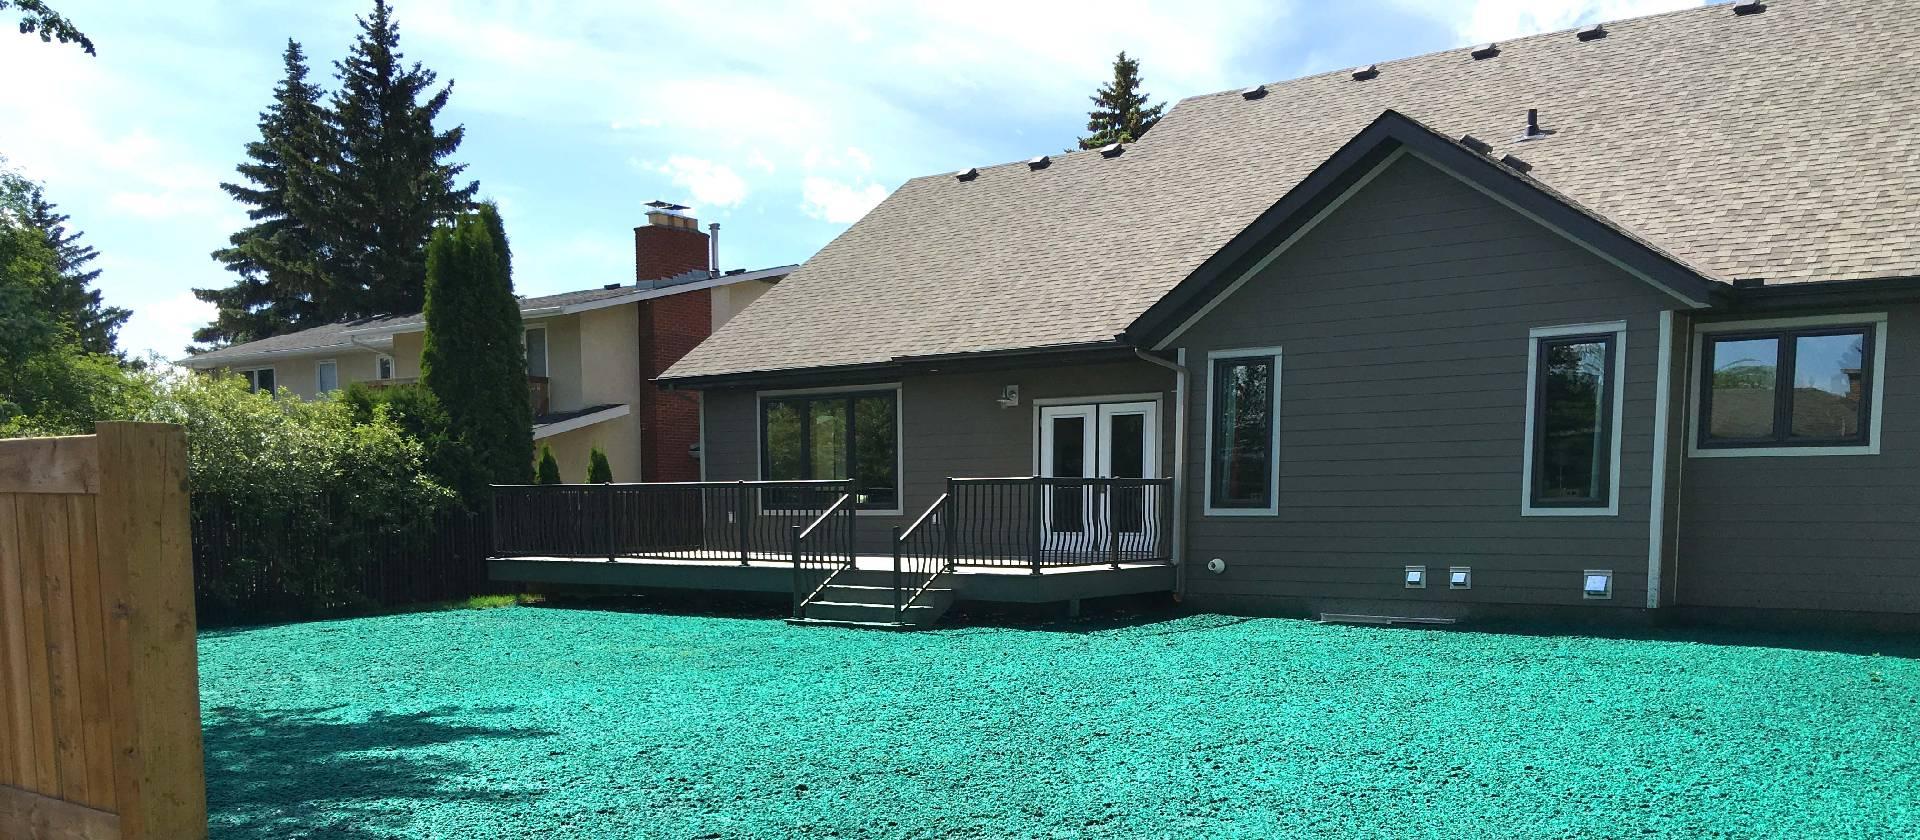 residential hydroseeding on lawn